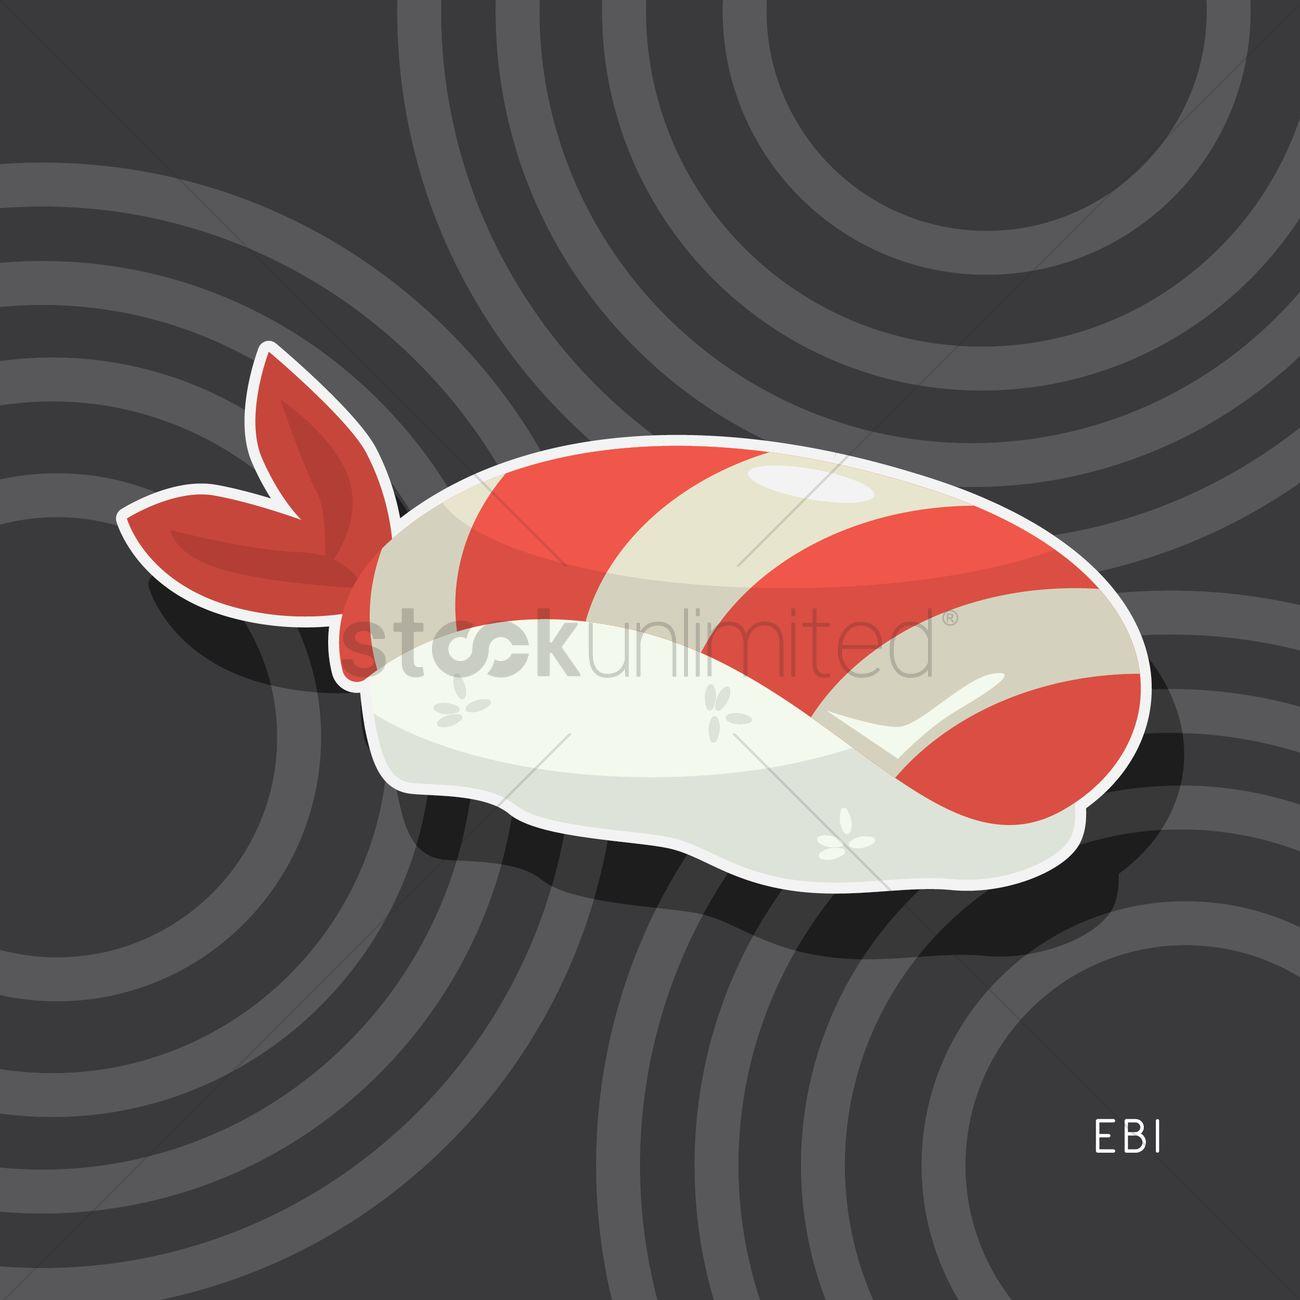 Free Ebi Sushi Vector Image 1593120 Stockunlimited